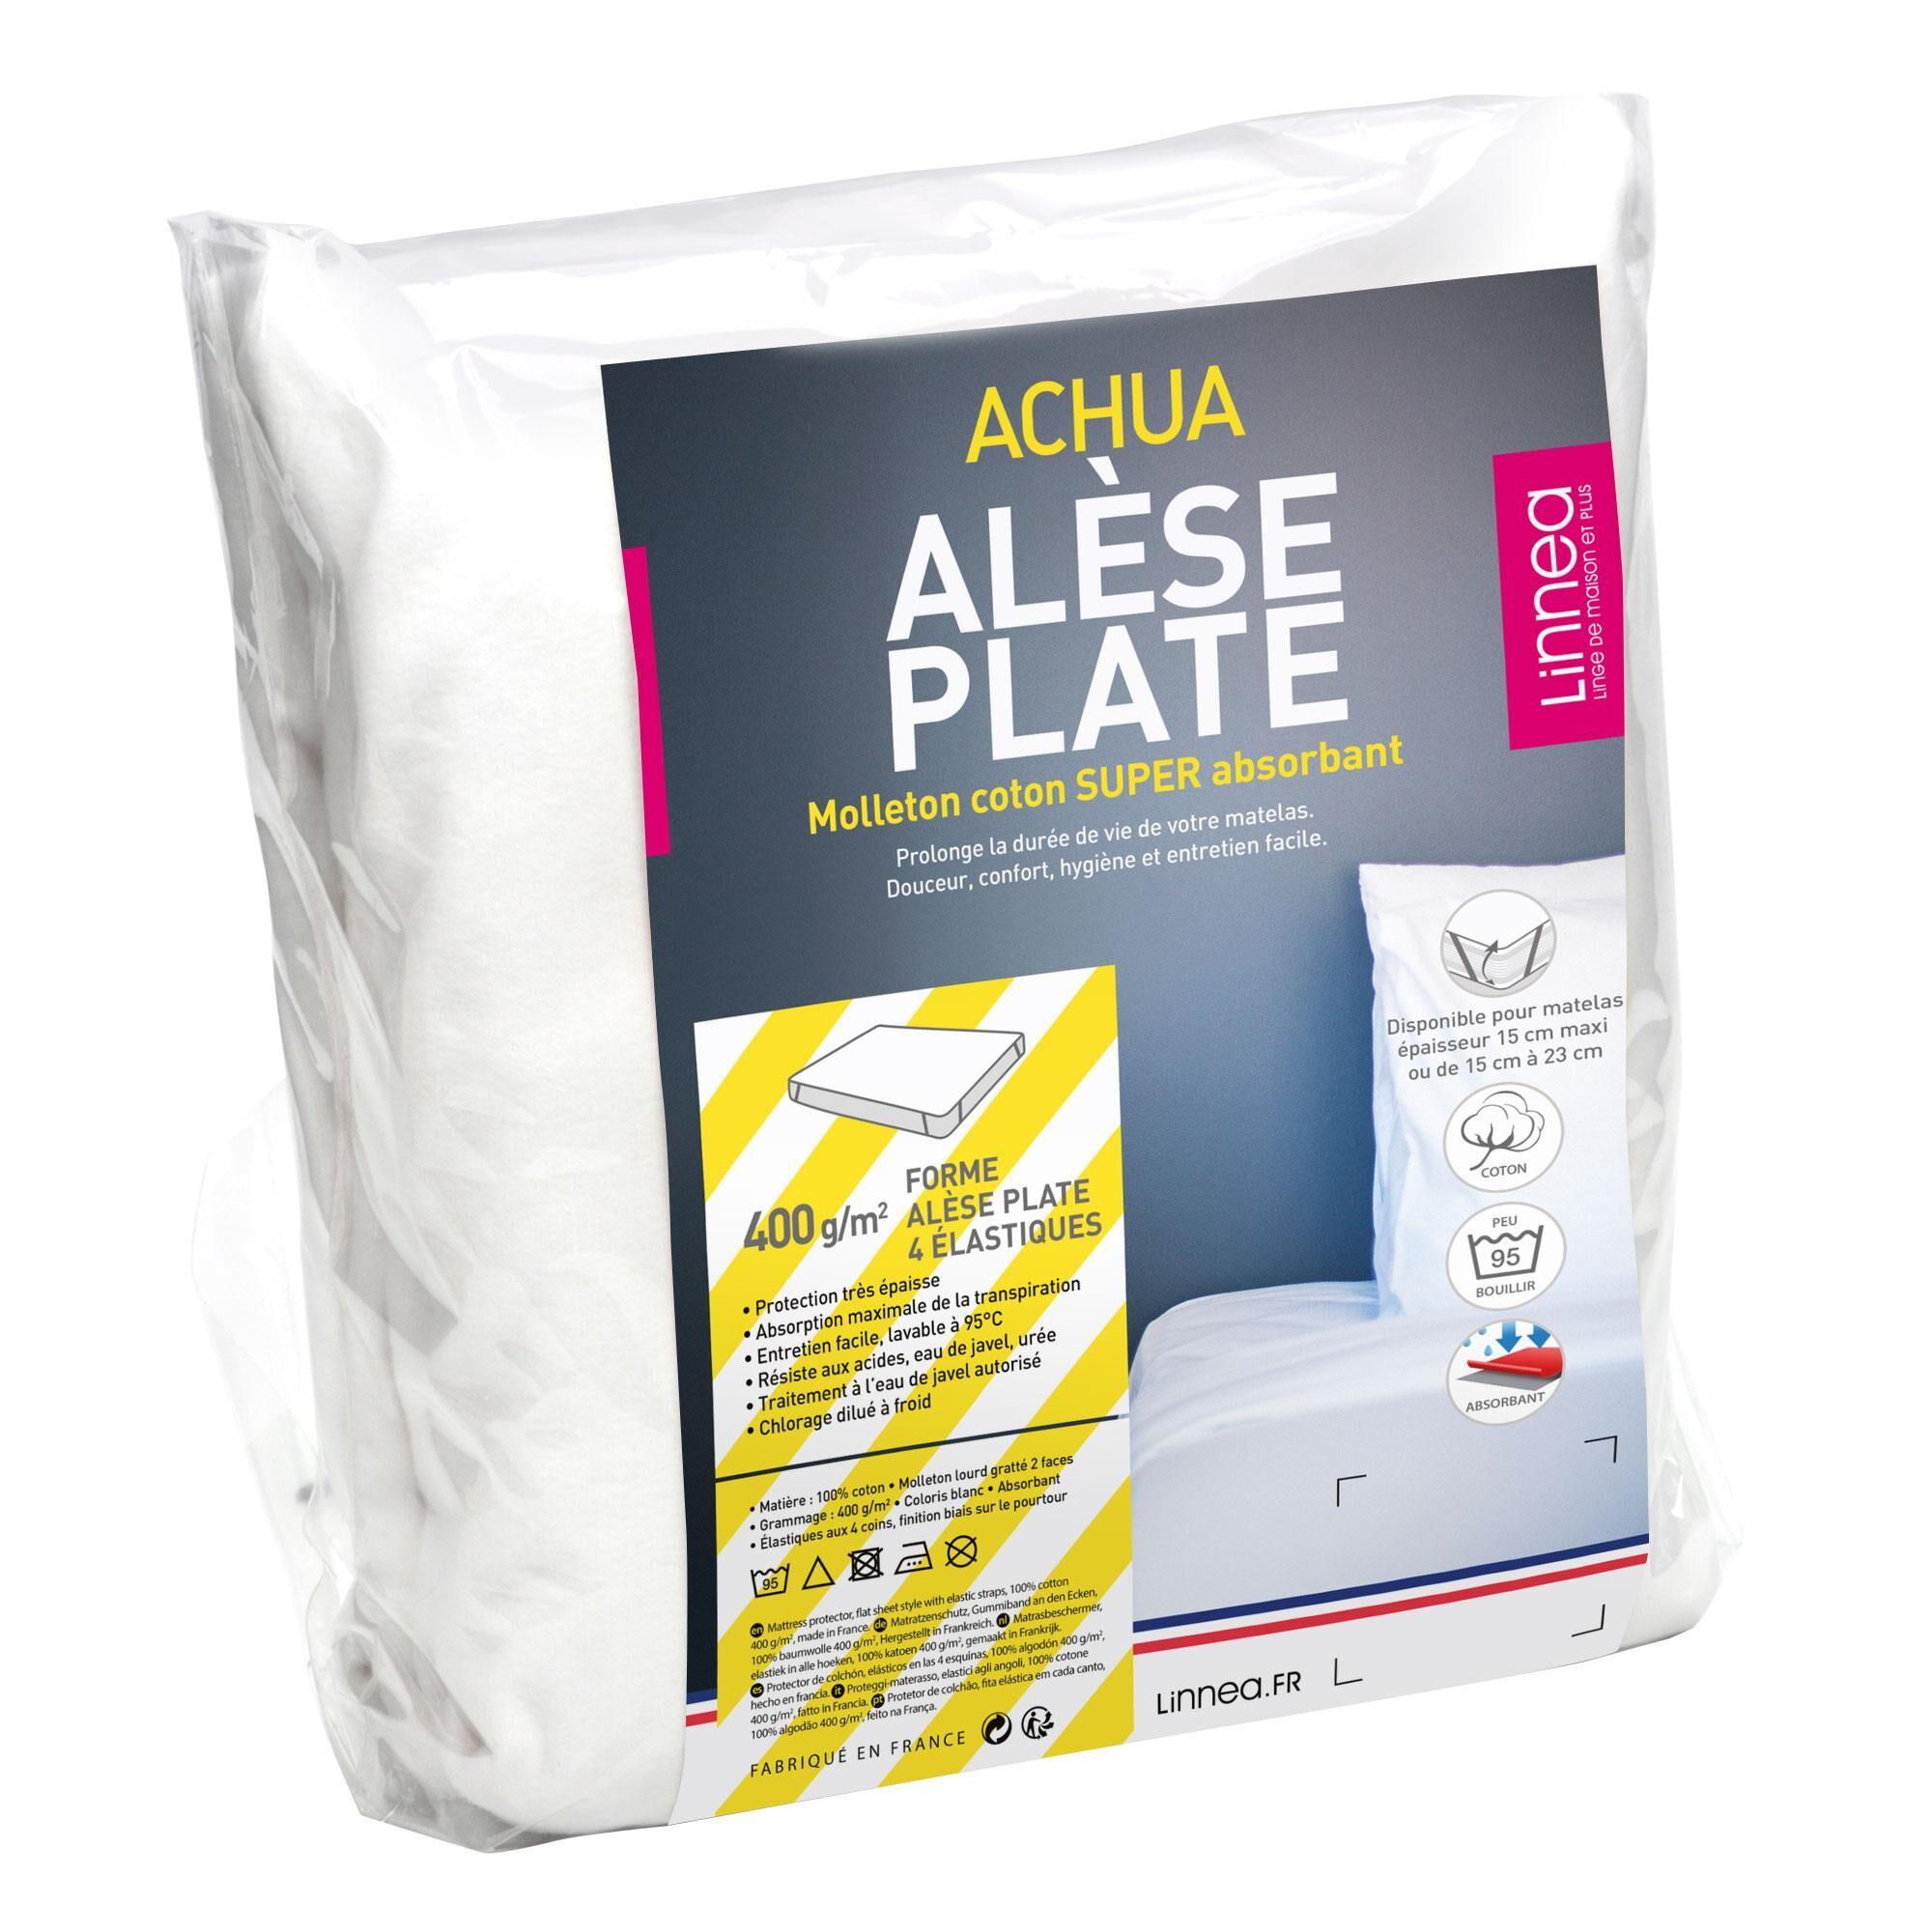 Linnea Alèse plate 180x190 cm ACHUA Molleton 100% coton 400 g/m2 matelas 15cm à 23cm